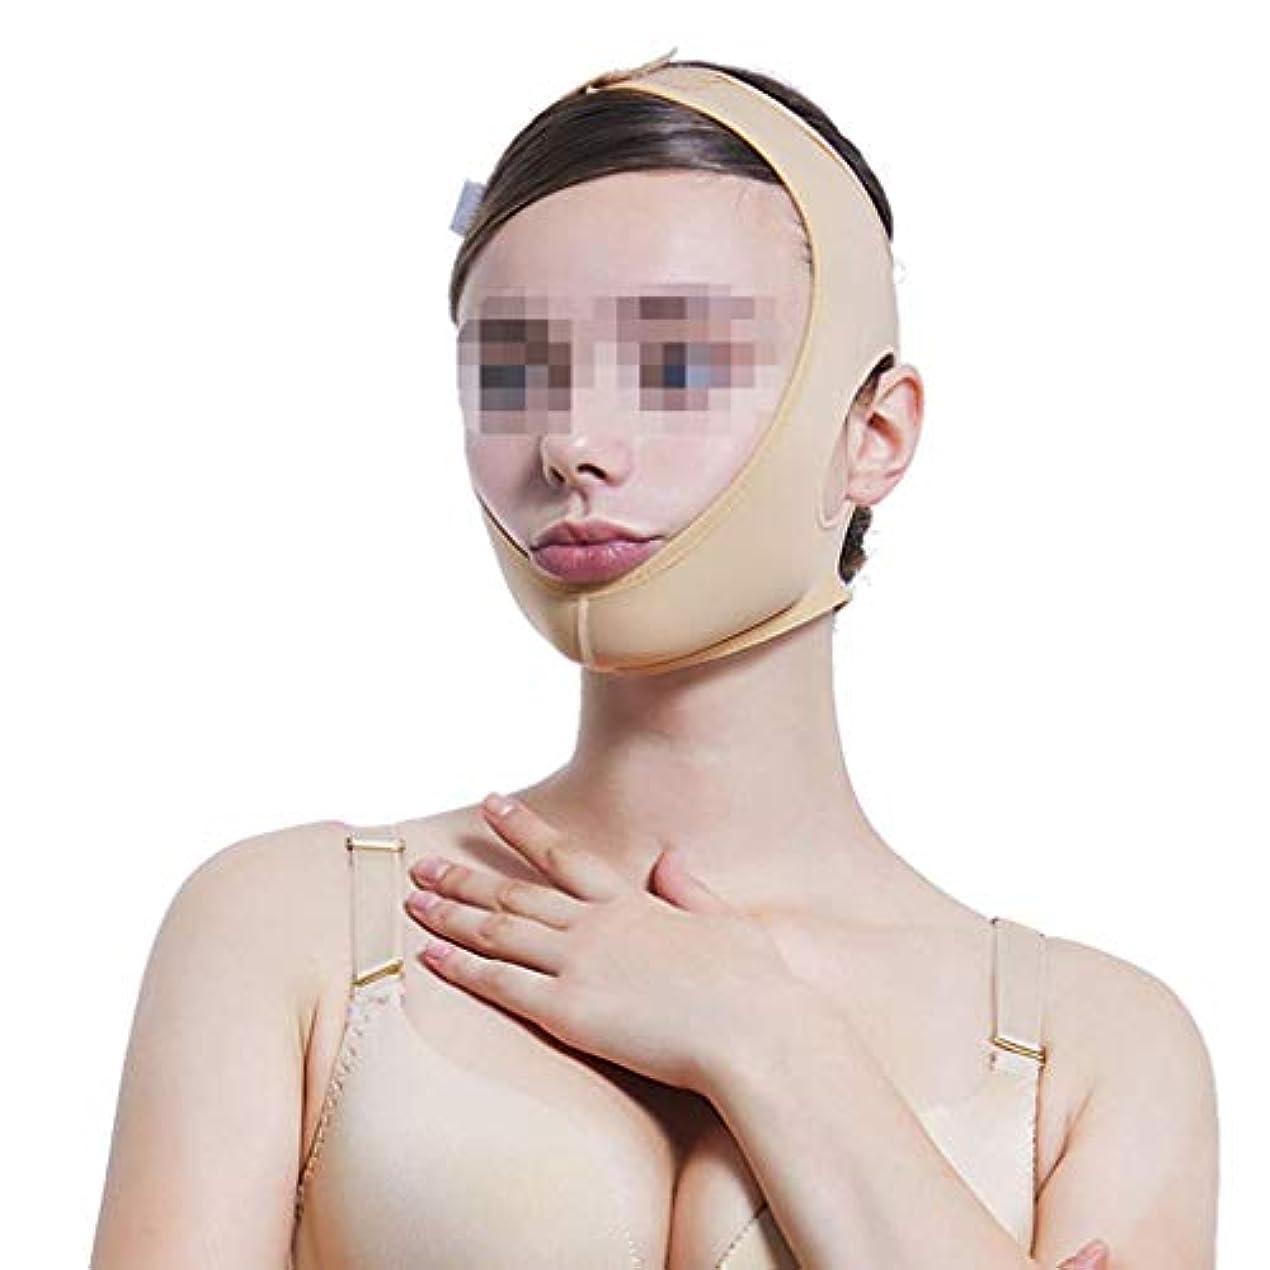 脚本高さスラッシュビームフェイス弾性ヘッドギア、ダブルあごのあごのセットをマスクの後に線彫り薄いフェイス包帯マルチサイズオプション(サイズ:XS),XXL